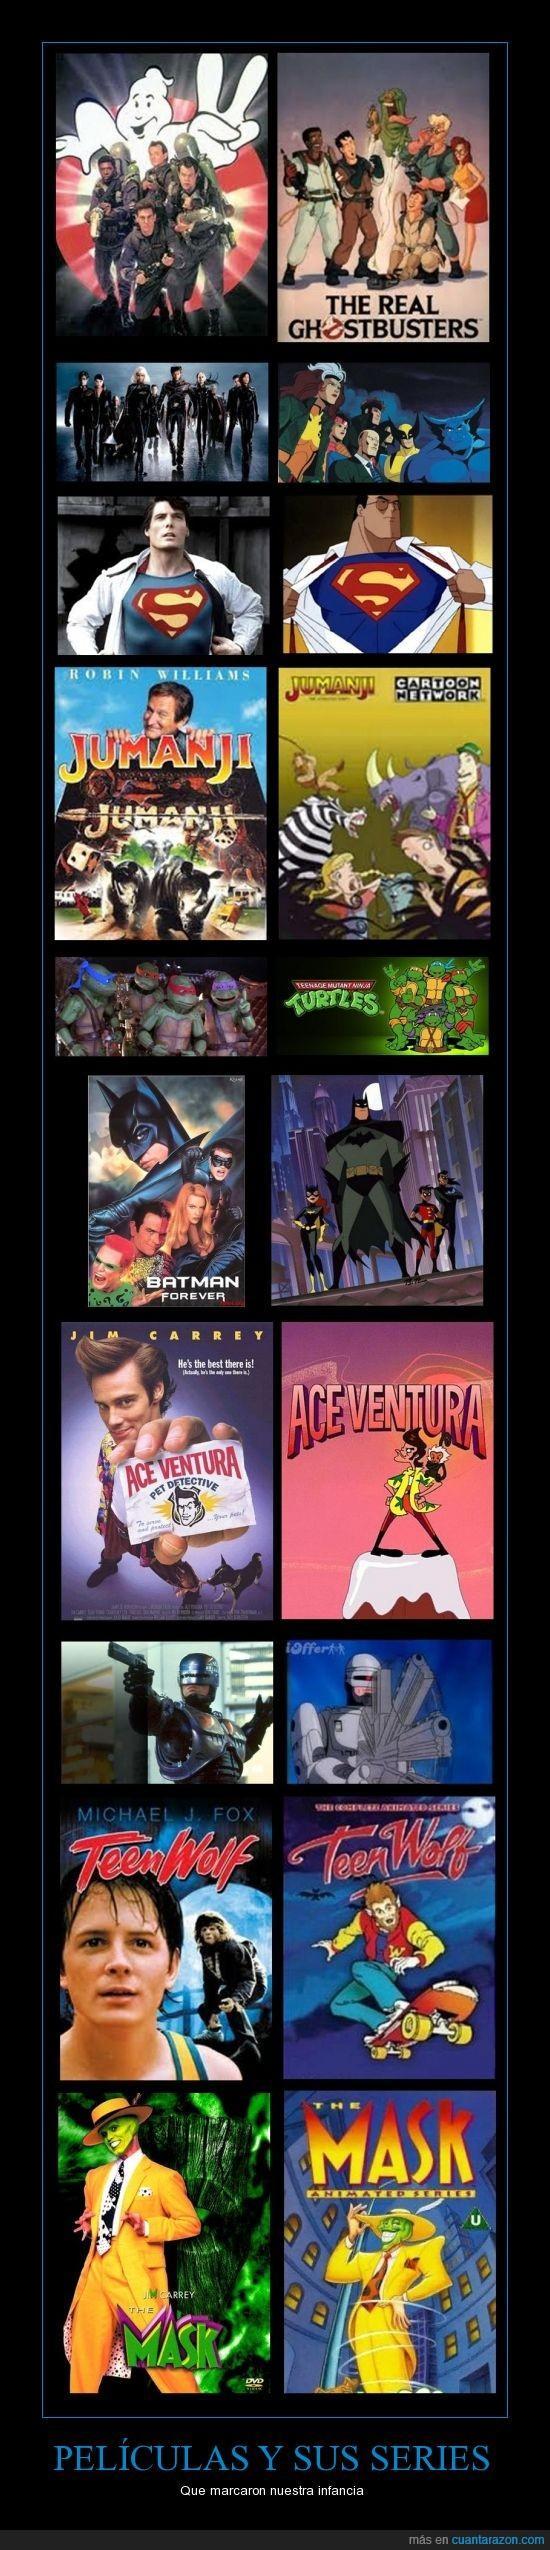 ace ventura,batman,horas de diversion,infancia,jumanji,las tortugas ninjas,lobo adolescente,los canzafantasmas,nostalgia,Pelicual,robocop,series animadas,superman,xmen